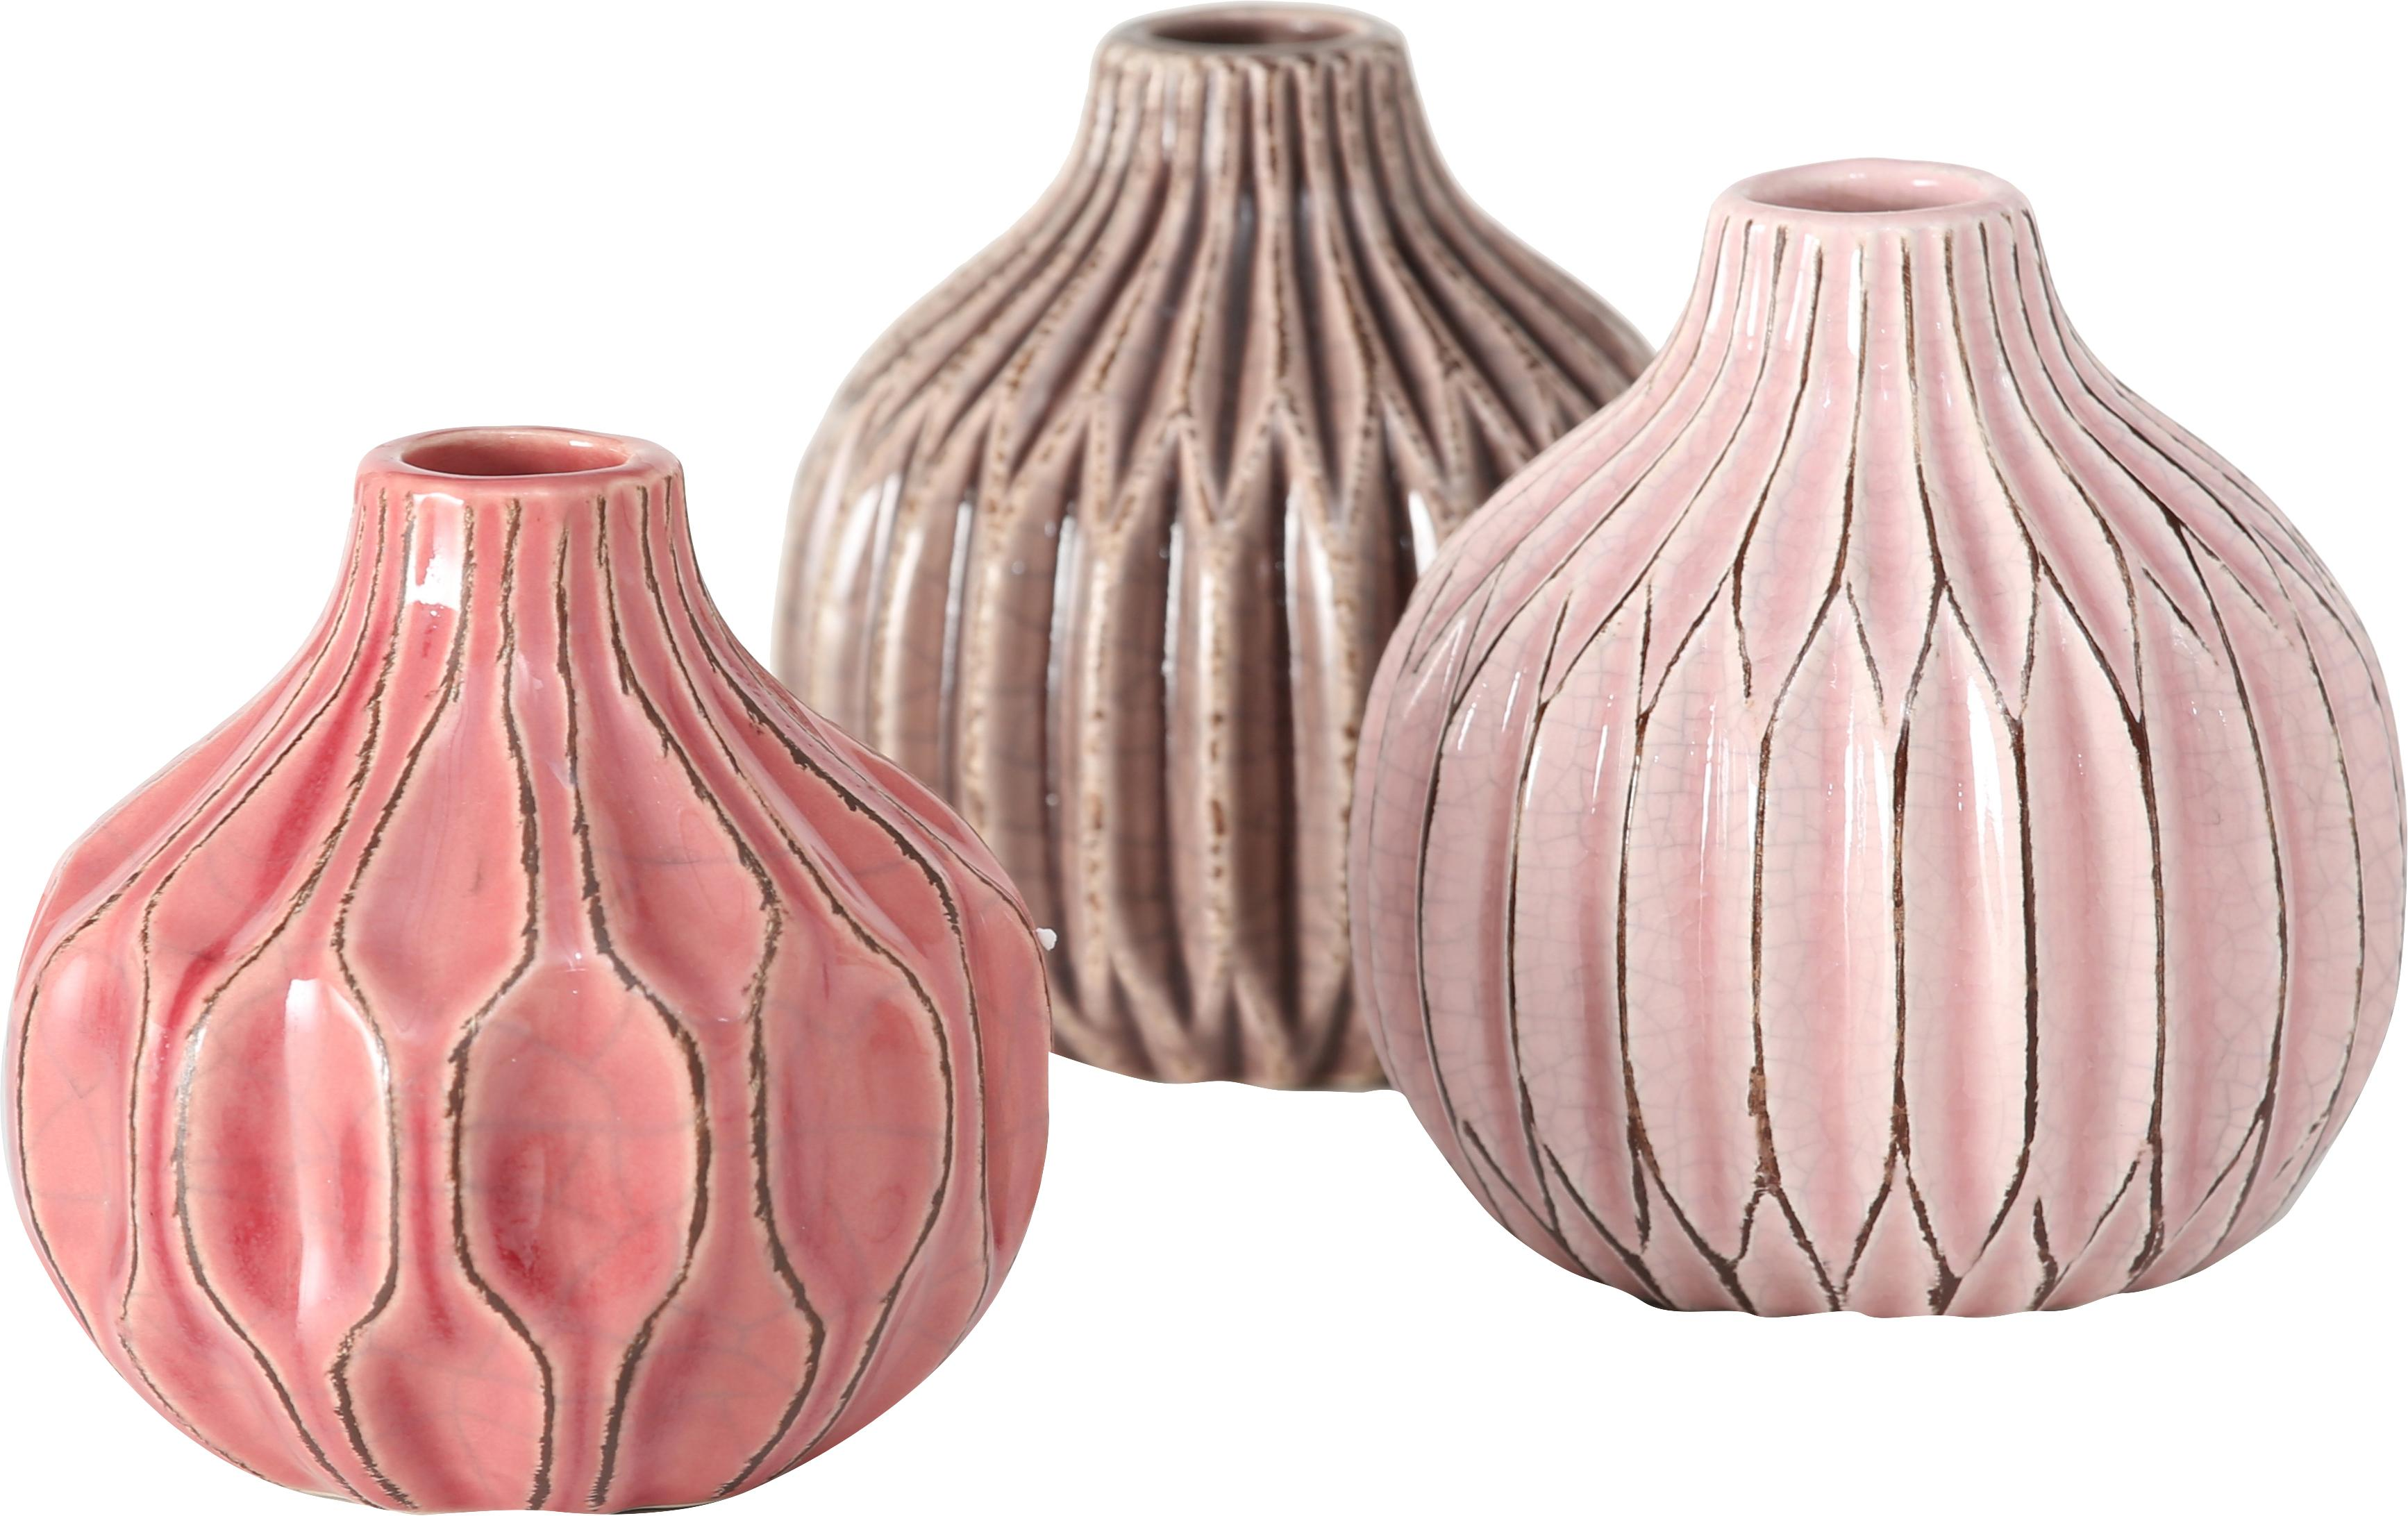 Komplet małych wazonów z kamionki Lenja, 3elem., Kamionka, Blady różowy, koralowy, brązowy, Ø 11 x W 11 cm